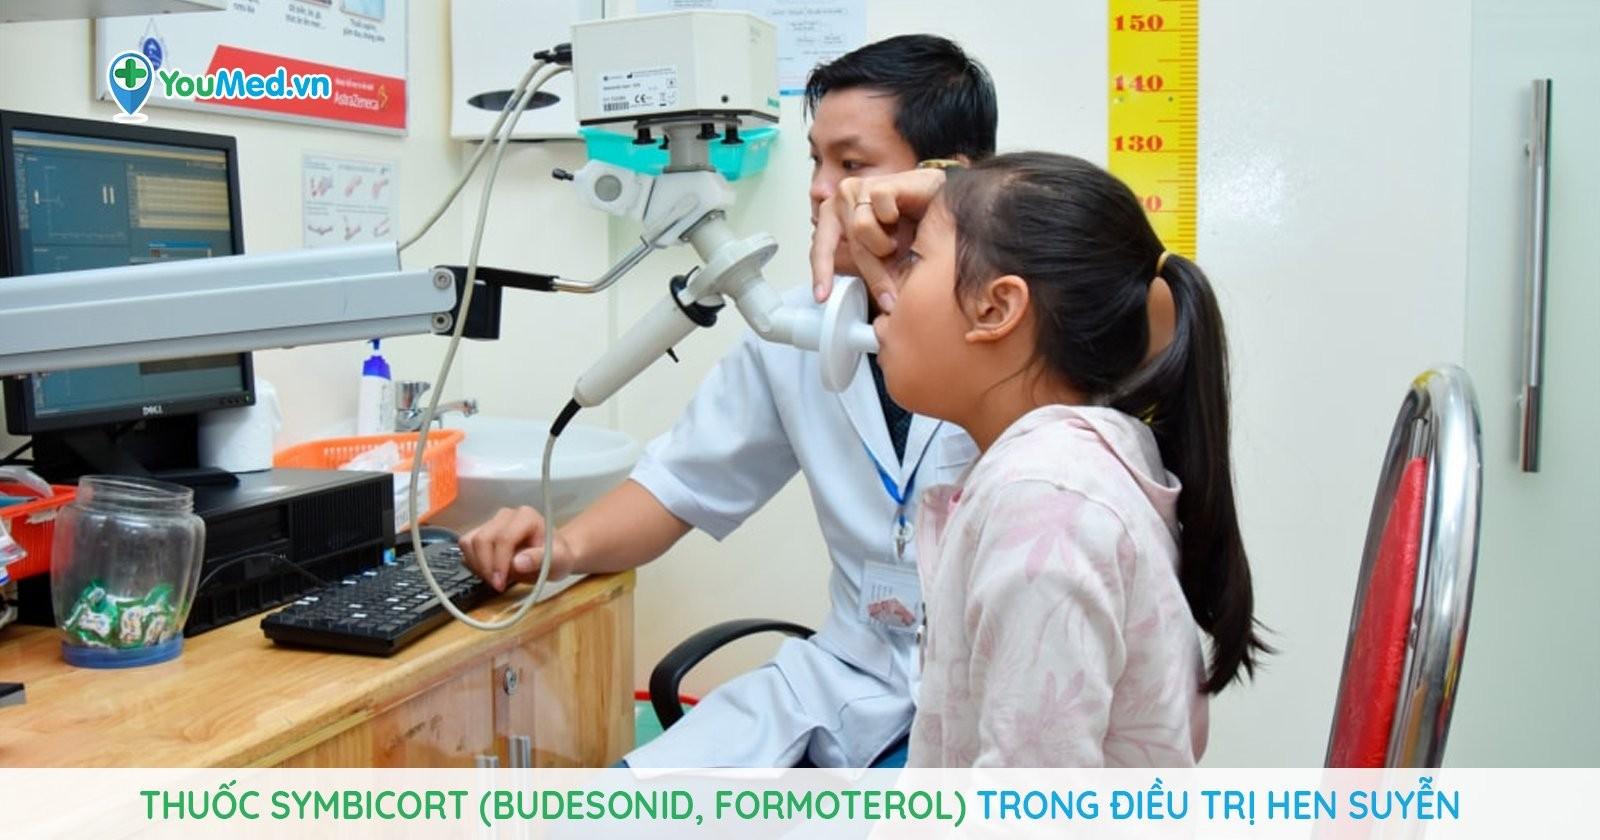 Thuốc Symbicort (budesonid, formoterol) trong điều trị hen suyễn và những điều cần lưu ý